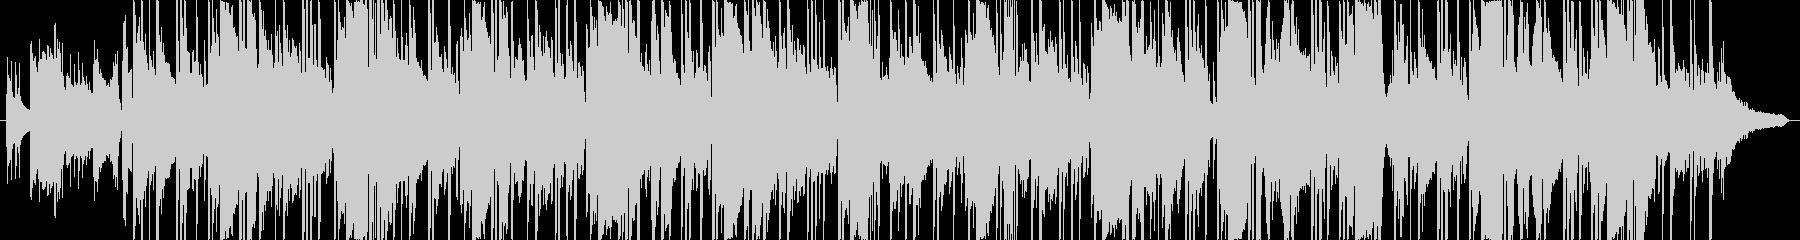 艶っぽいビートミュージック CM向けの未再生の波形